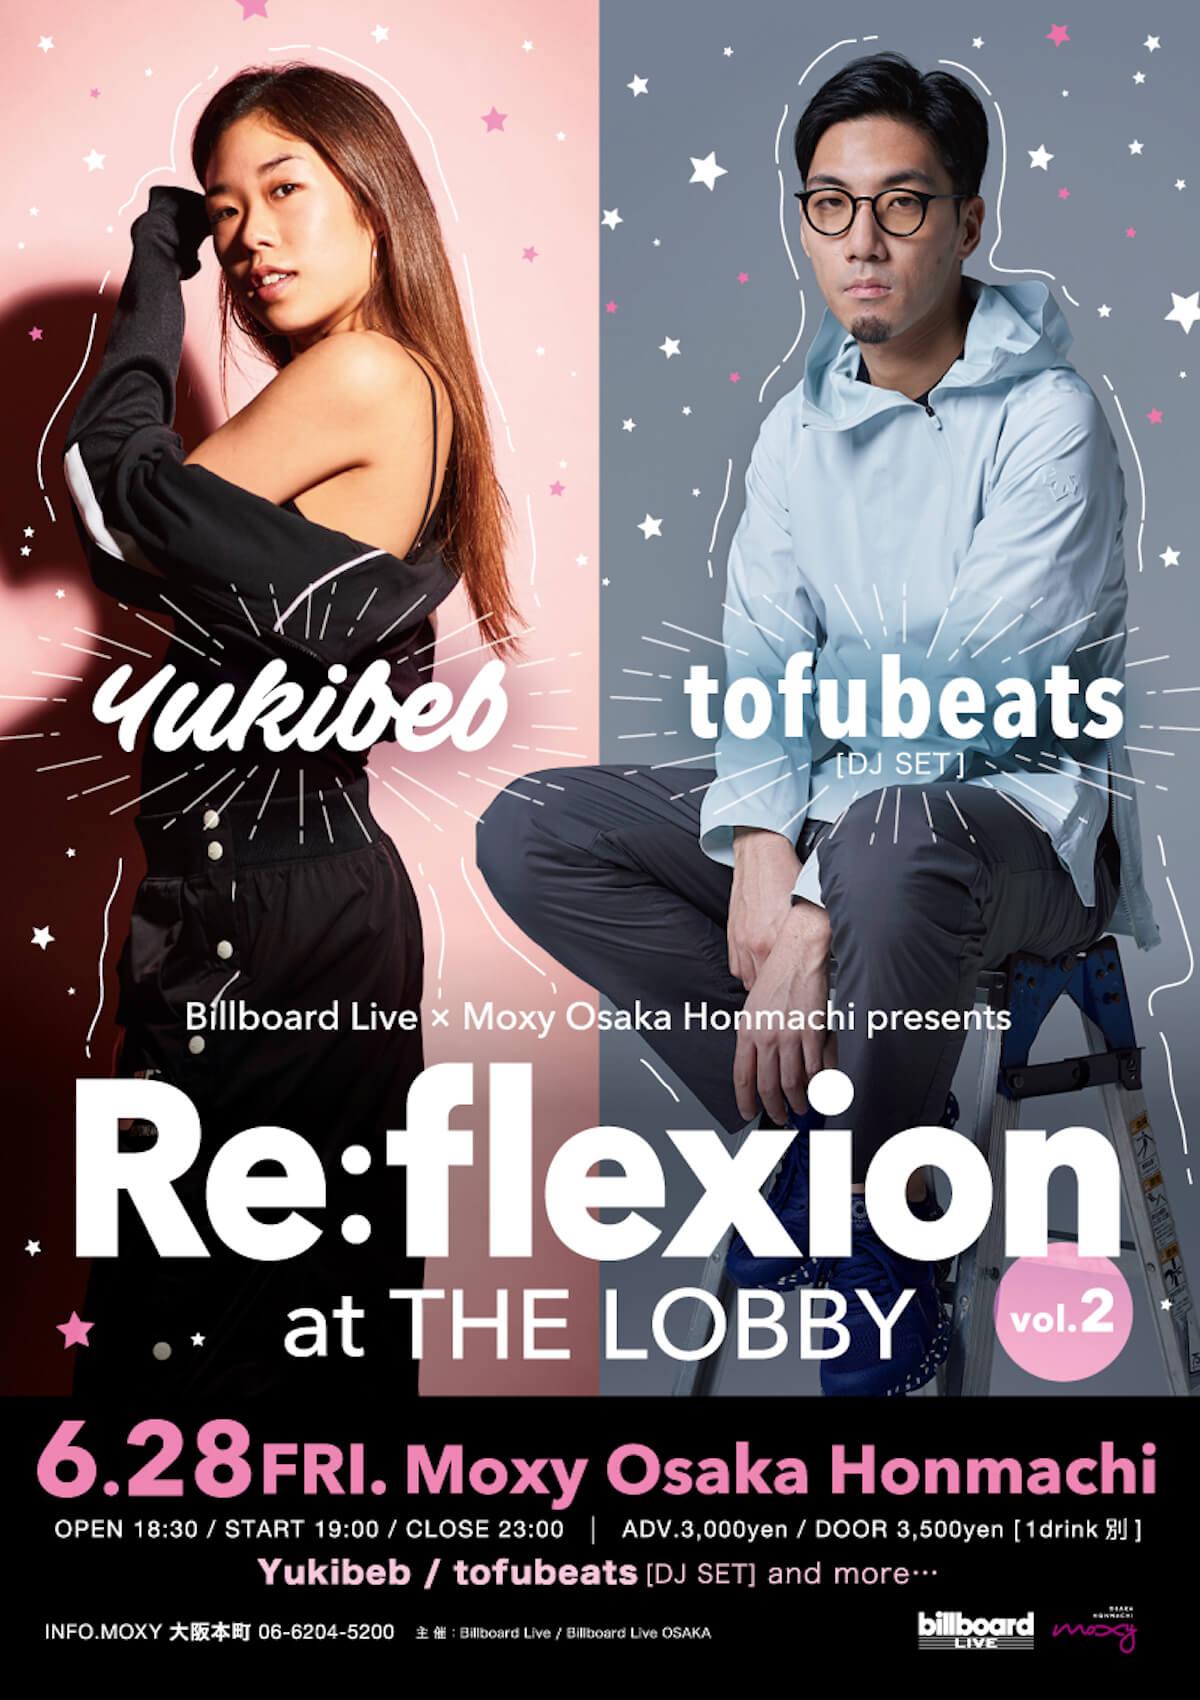 大阪・本町のラグジュアリーホテル・モクシーで開催の<Re:flexion>第2弾にtofubeats、Yukibebが登場! music190524_reflexion_3